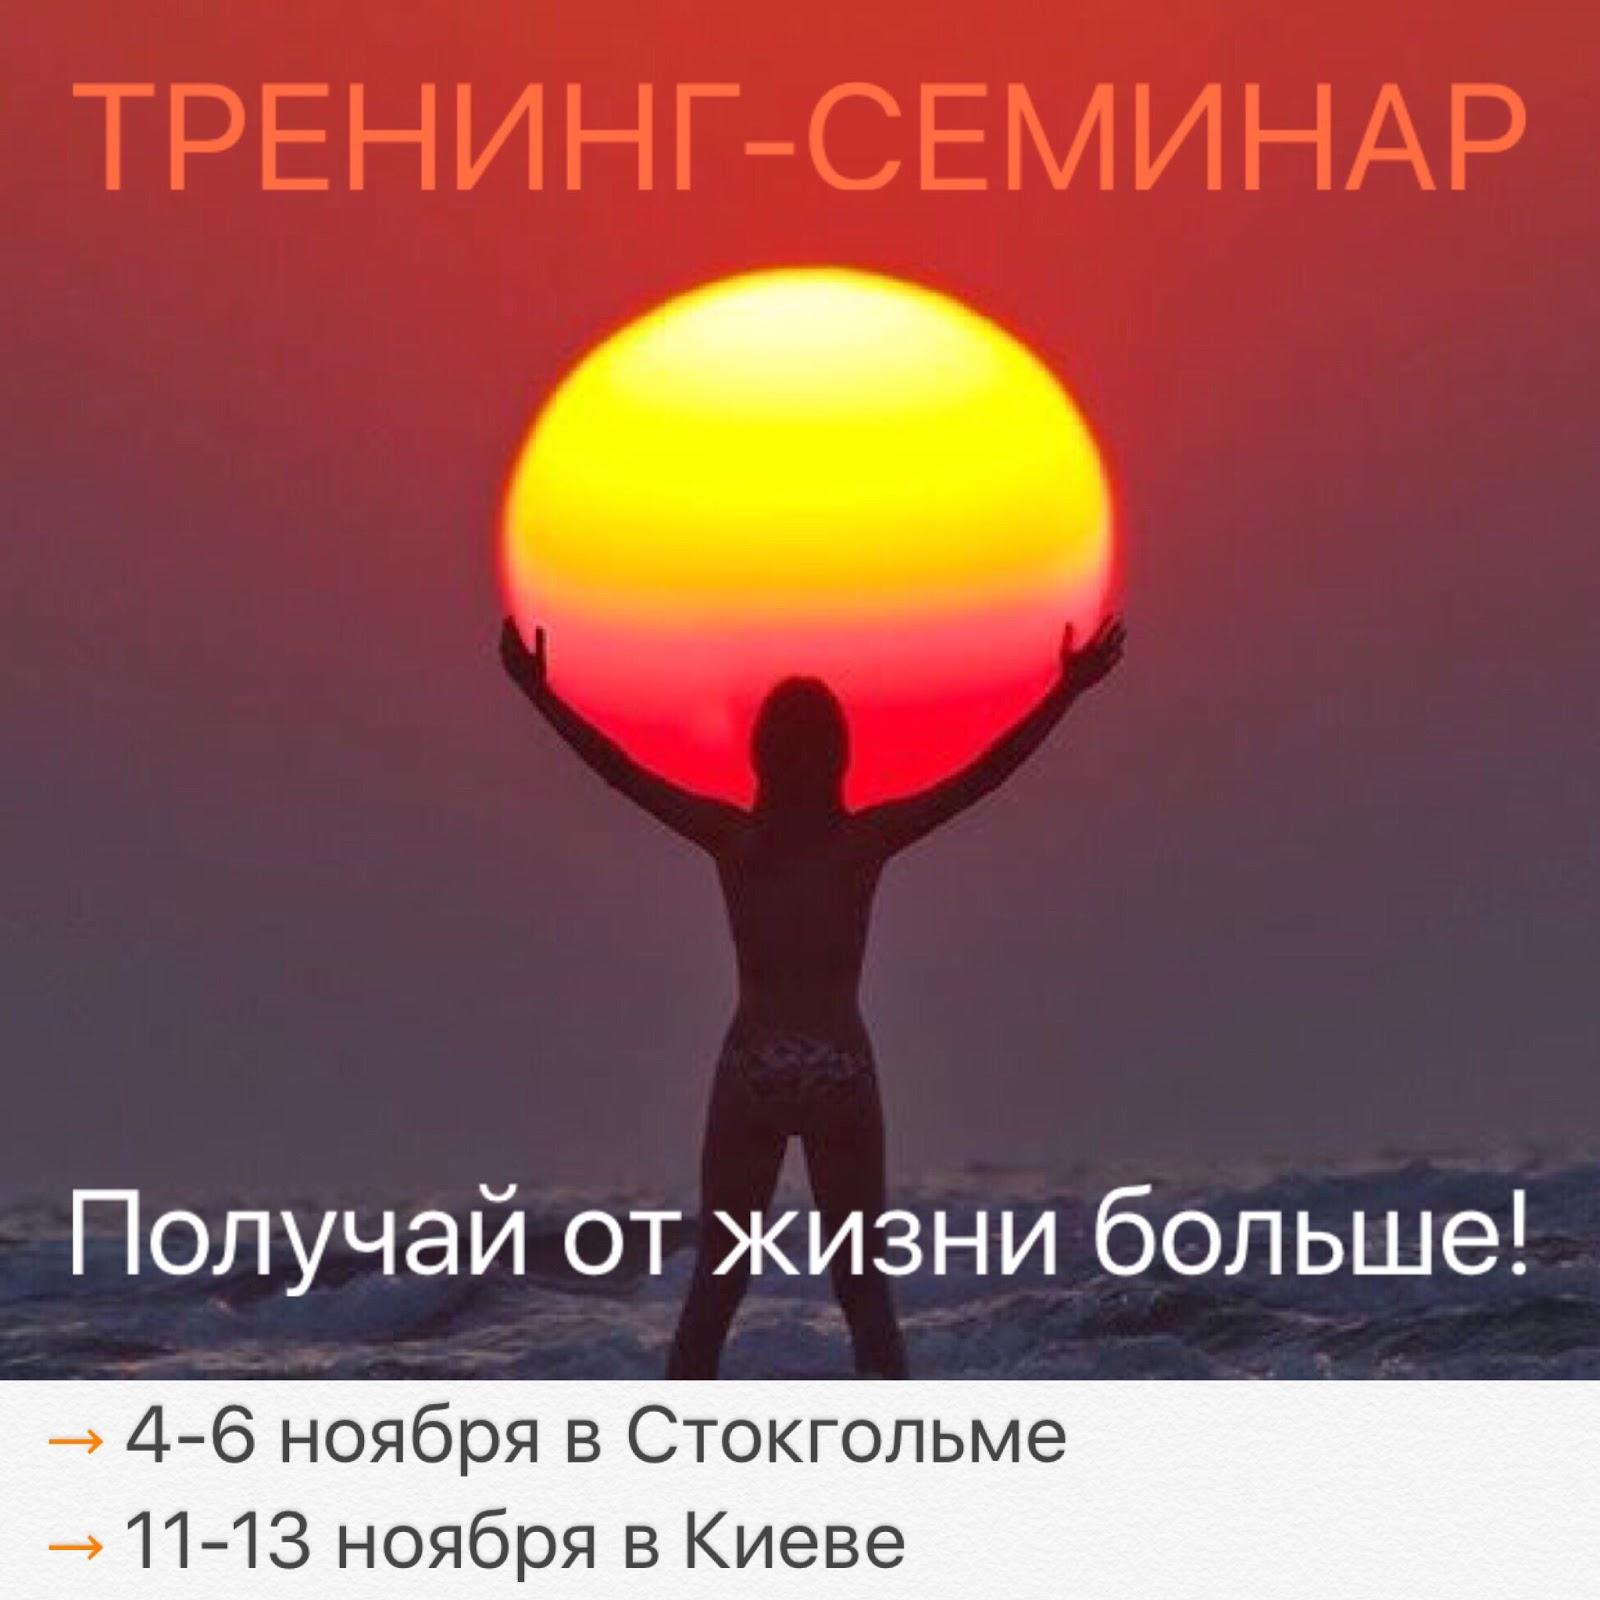 """""""Получай от жизни больше!"""" тренинг-семинар в Москве, Стокгольме, Киеве расширение сознания и процветание в гармонии материального и духовного"""